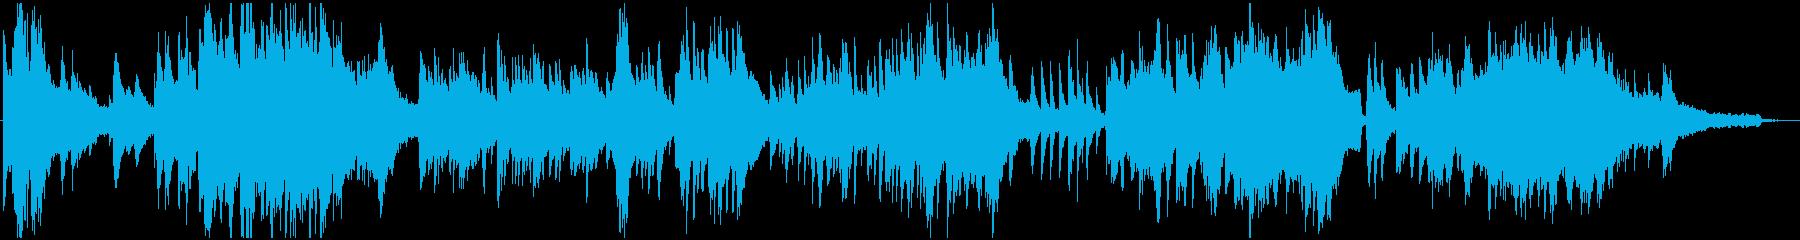 幻想的なピアノソロ。朝焼けのイメージ。の再生済みの波形